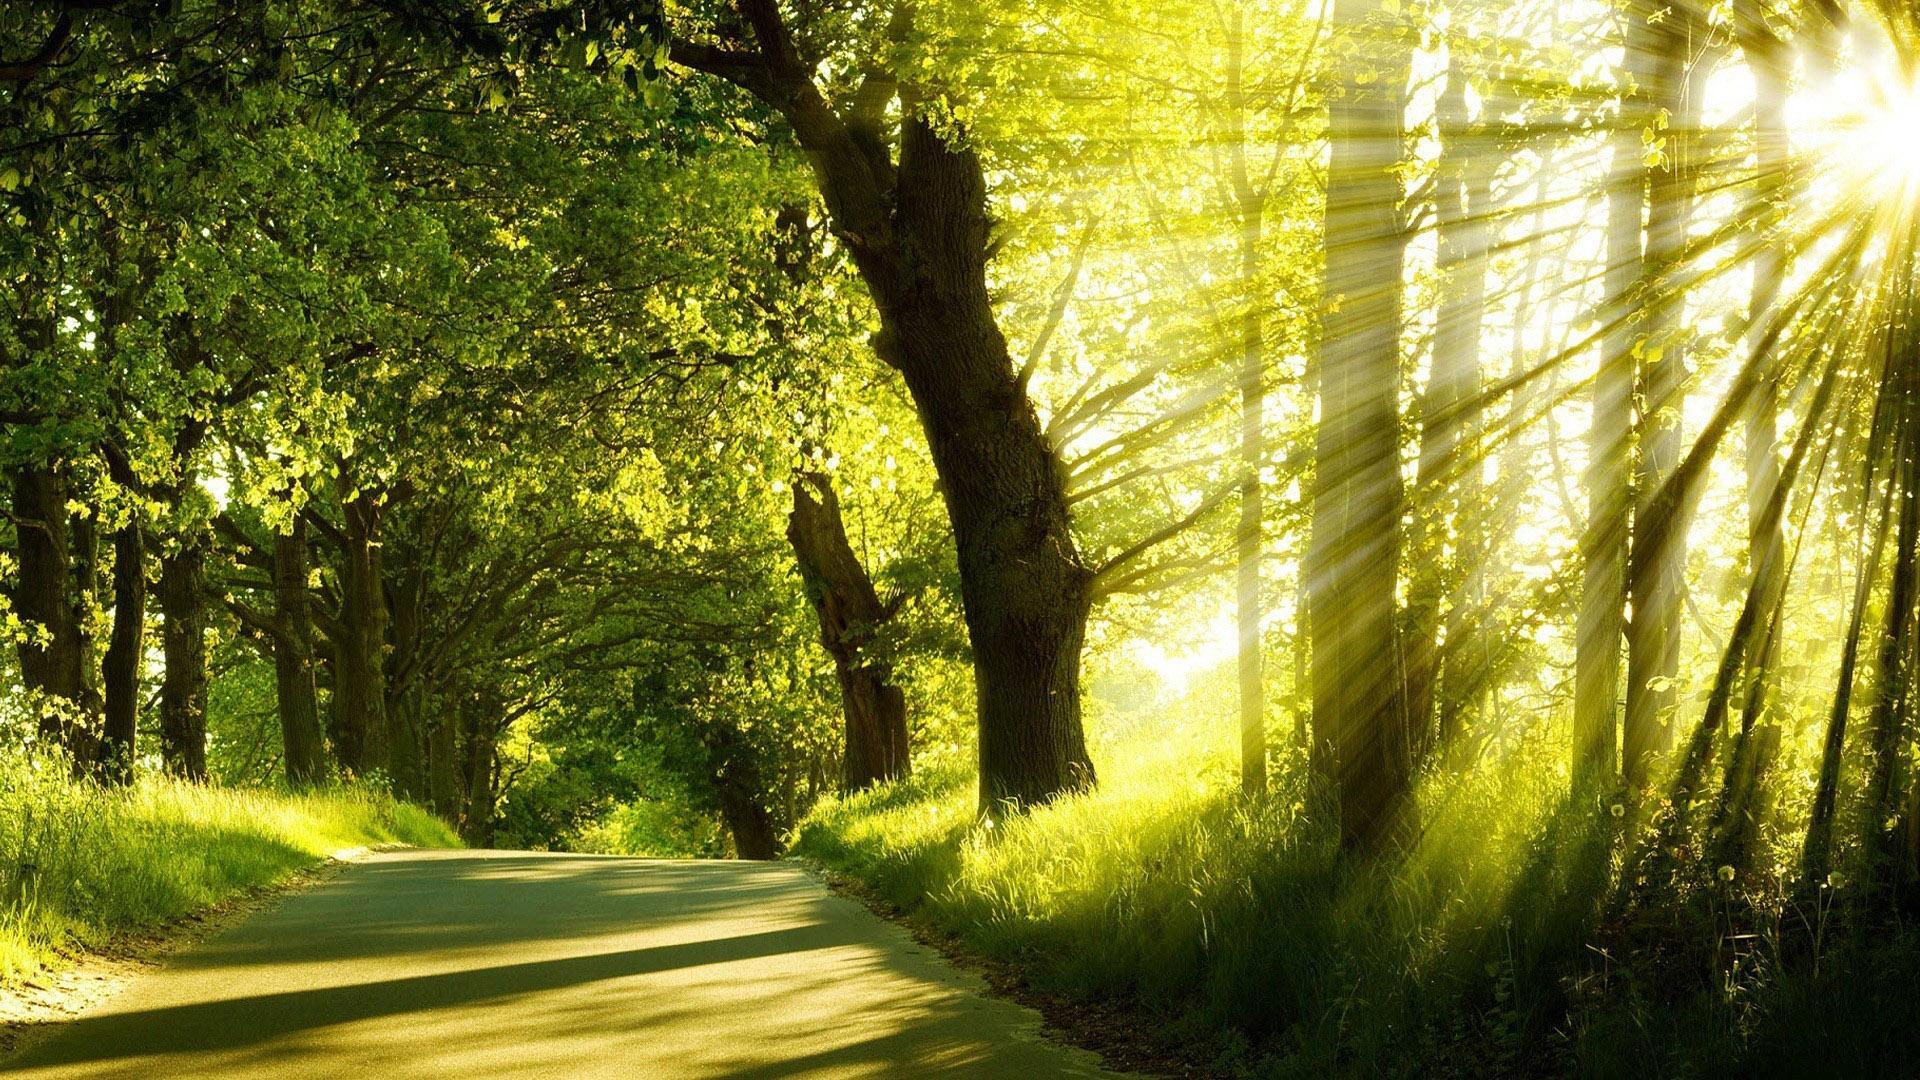 壁纸 风景 森林 桌面 1920_1080图片